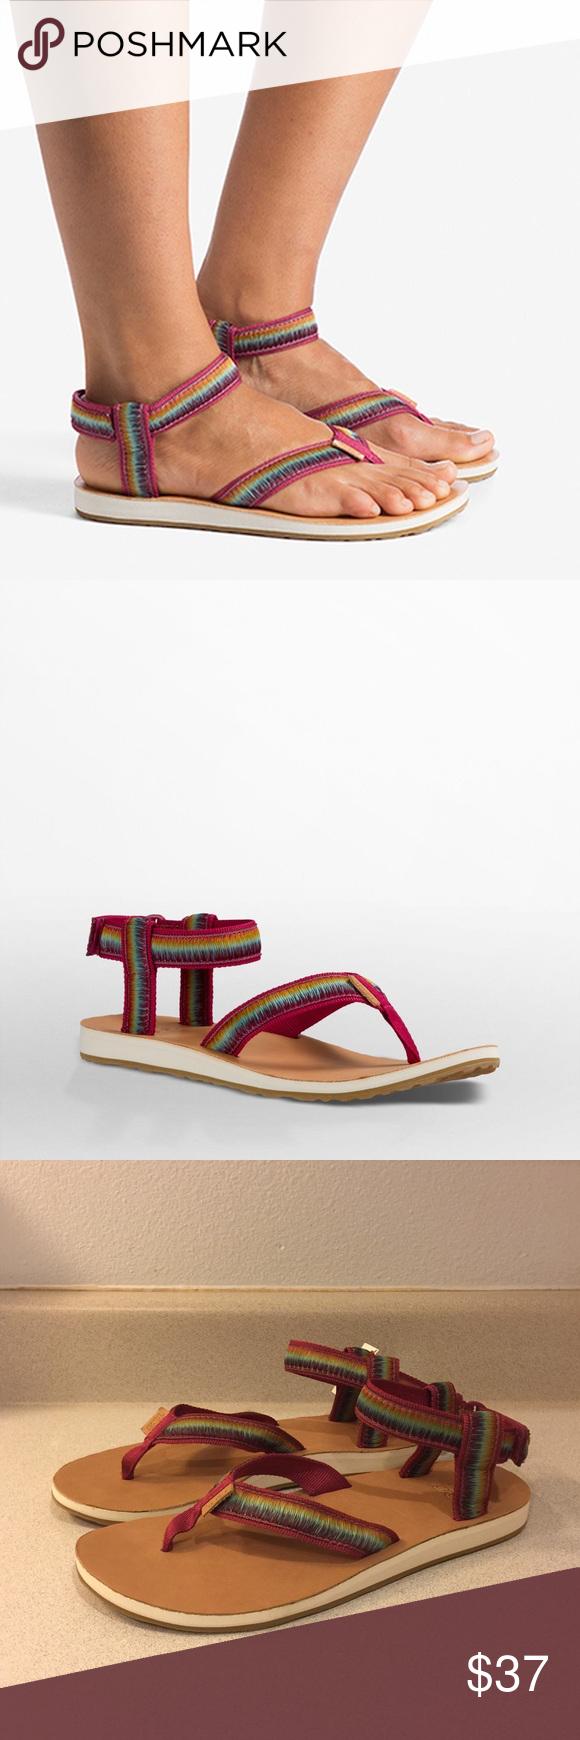 2b28ff9749f6 ❤SALE❤NWT Teva Rainbow Ombré Sandals Enjoy these NWT Teva sandals with  rainbow ombré straps. They sport a nice